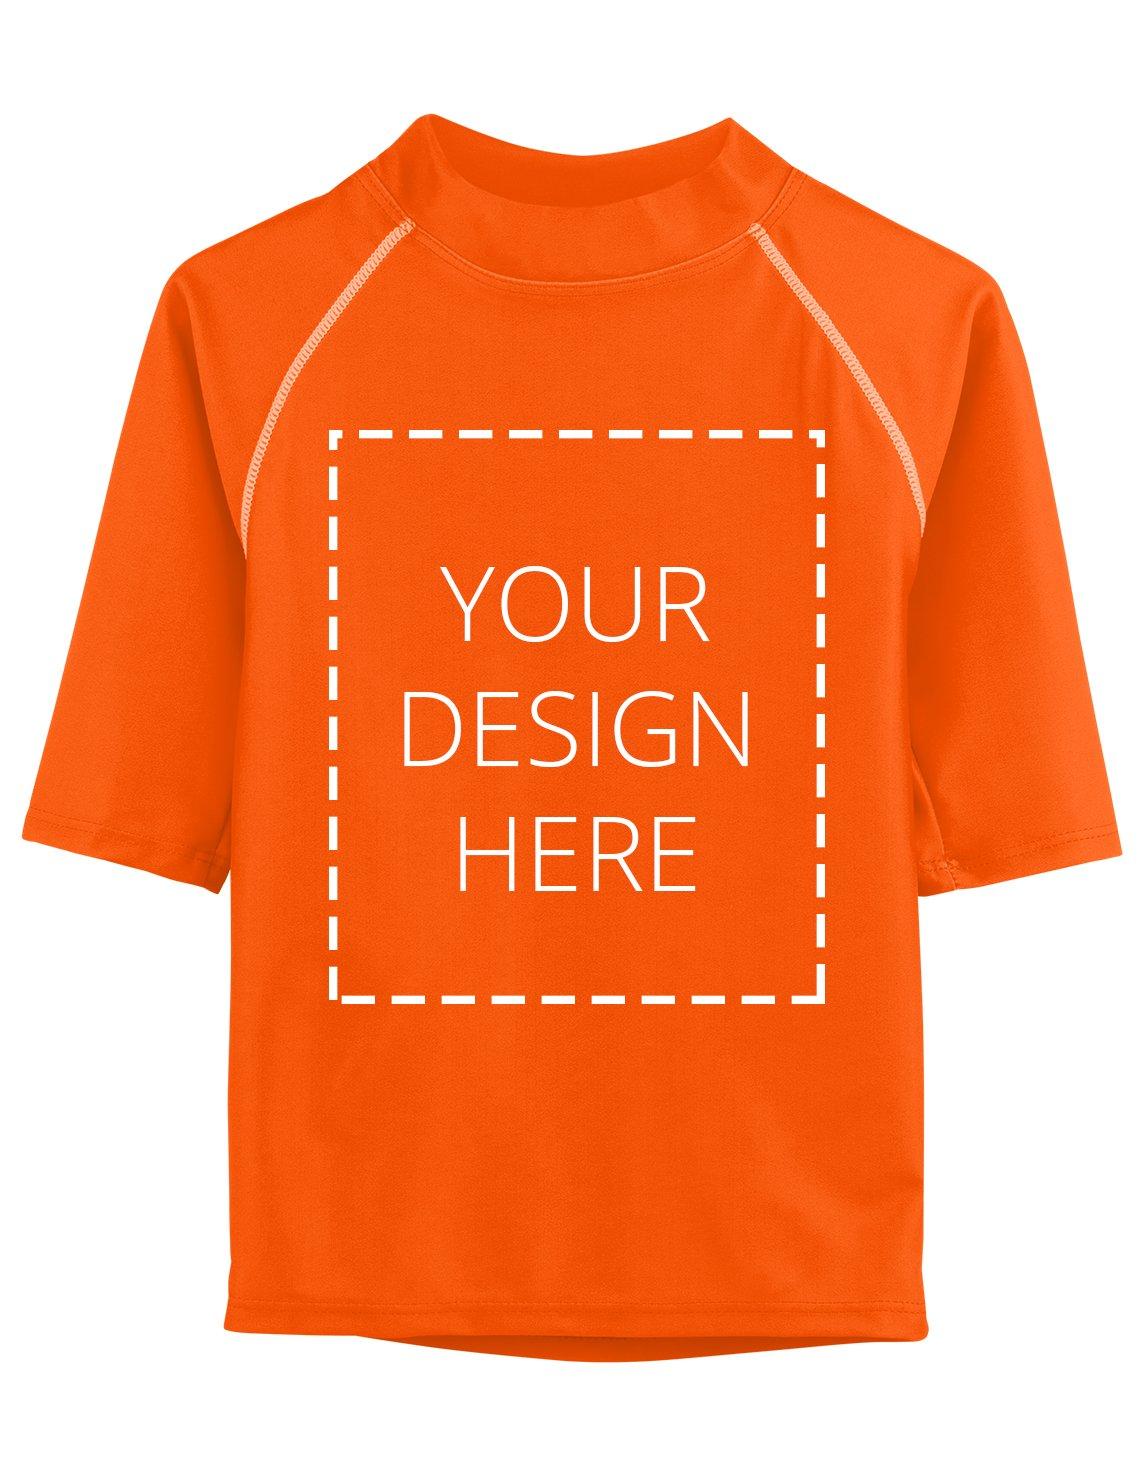 Tuga Kids Custom Short Sleeve Rash Guard, Orange, 13/14 yrs